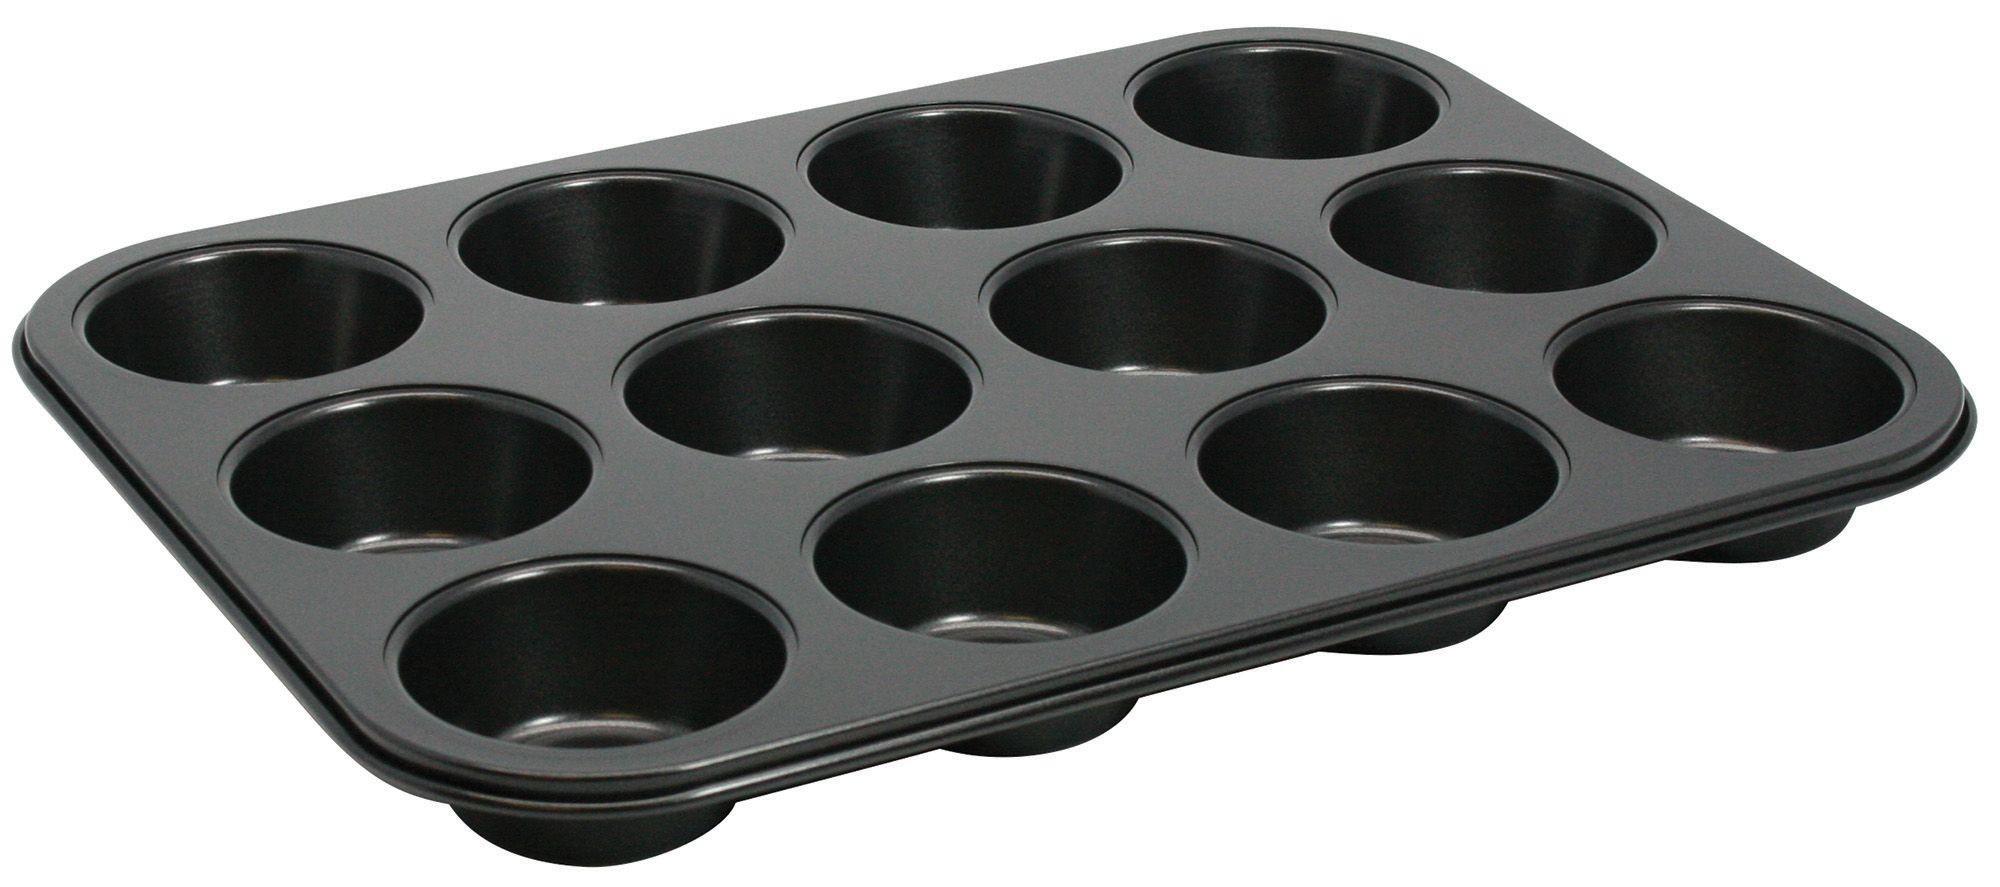 """Winco AMF-12NS Non-Stick Aluminum 12-Compartment Muffin Pan, 15-1/2"""" x 11"""""""